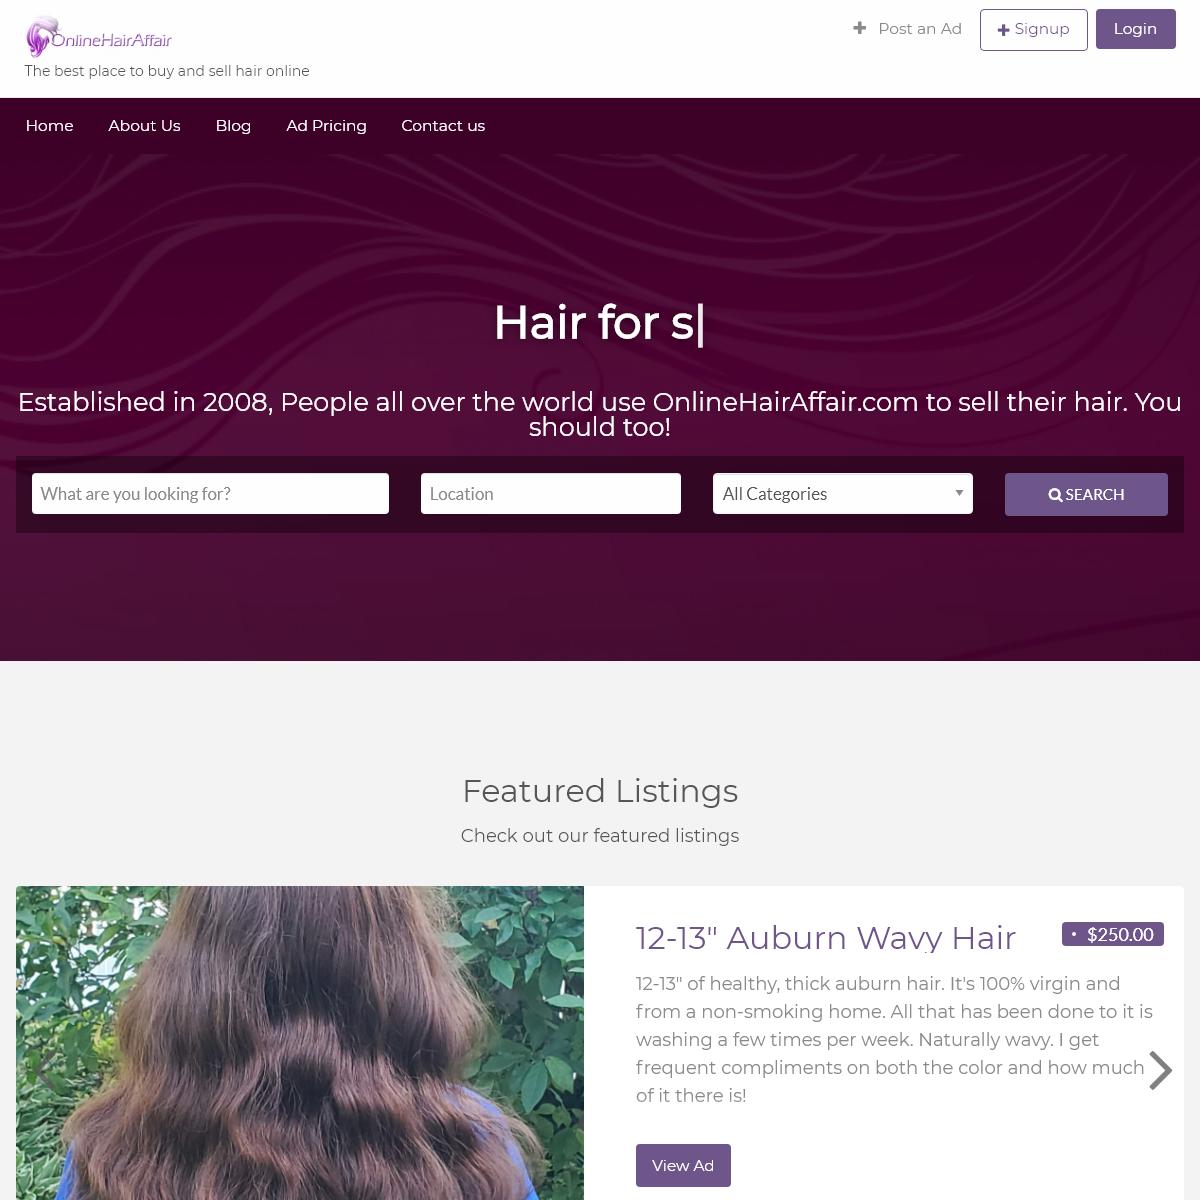 Hair - Welcome to OnlineHairAffair.com